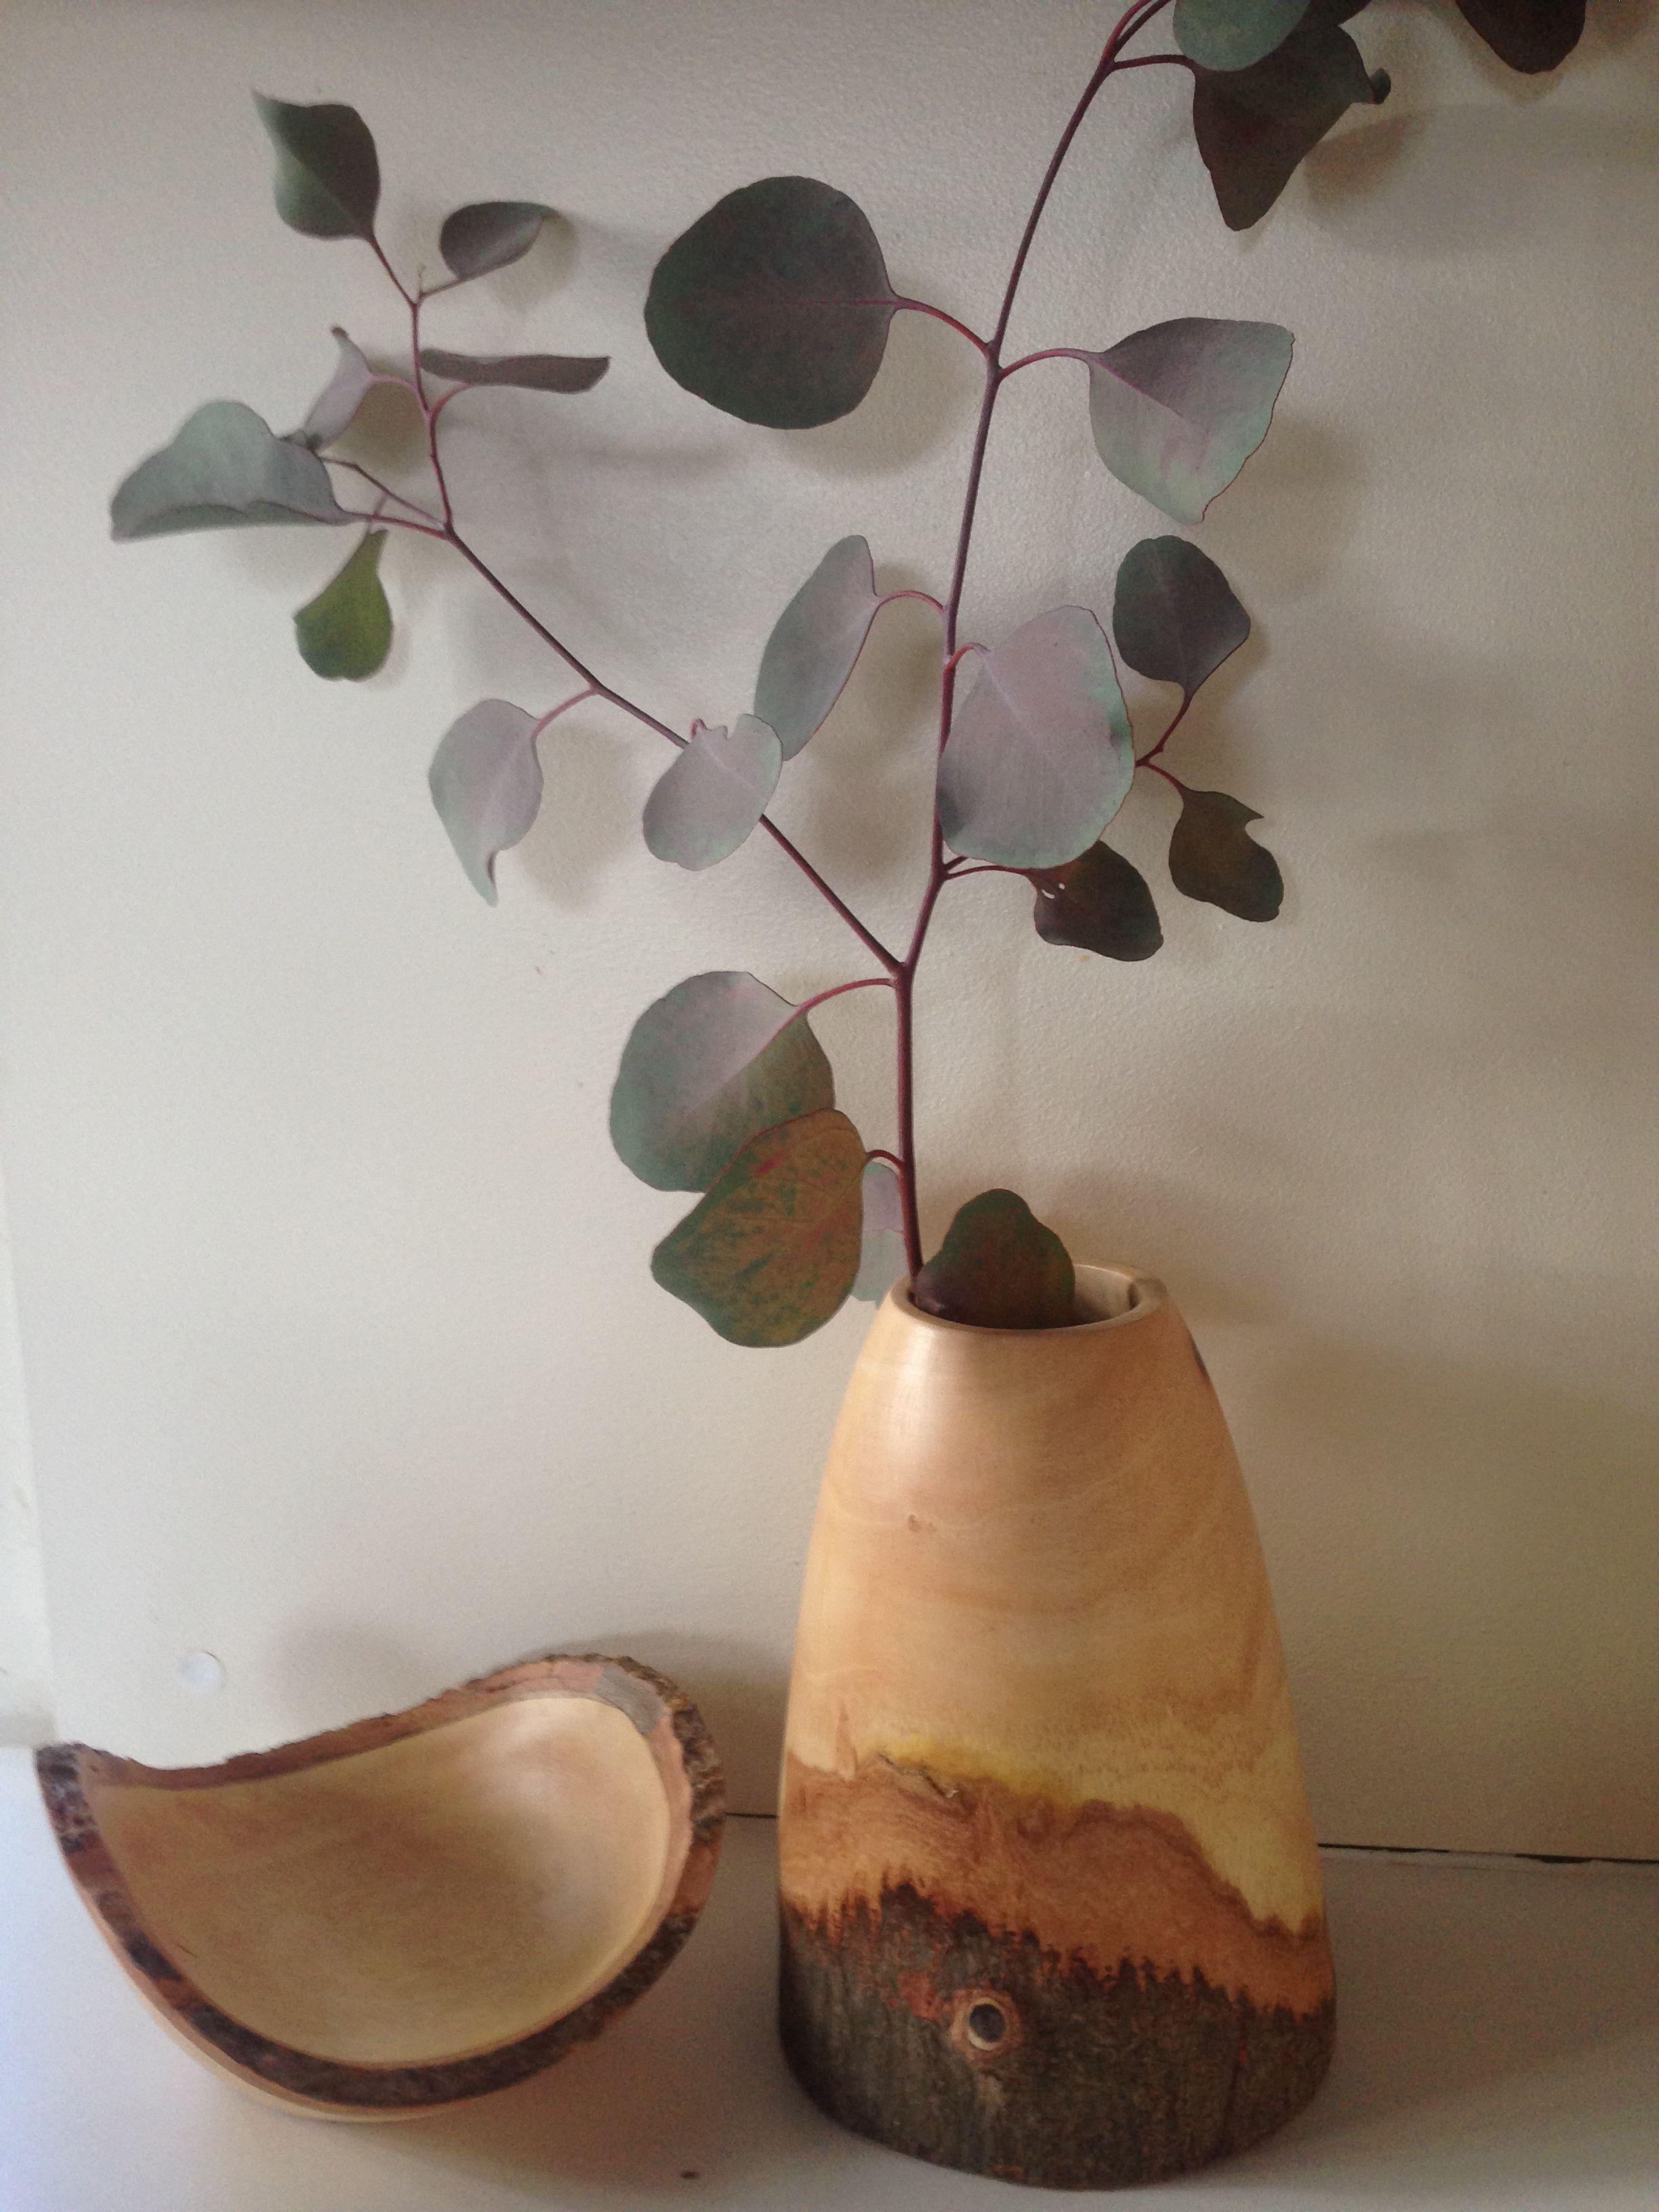 mango wood vase of handcrafted sustainable mango wood vase c o r e s t y l e natural with handcrafted sustainable mango wood vase